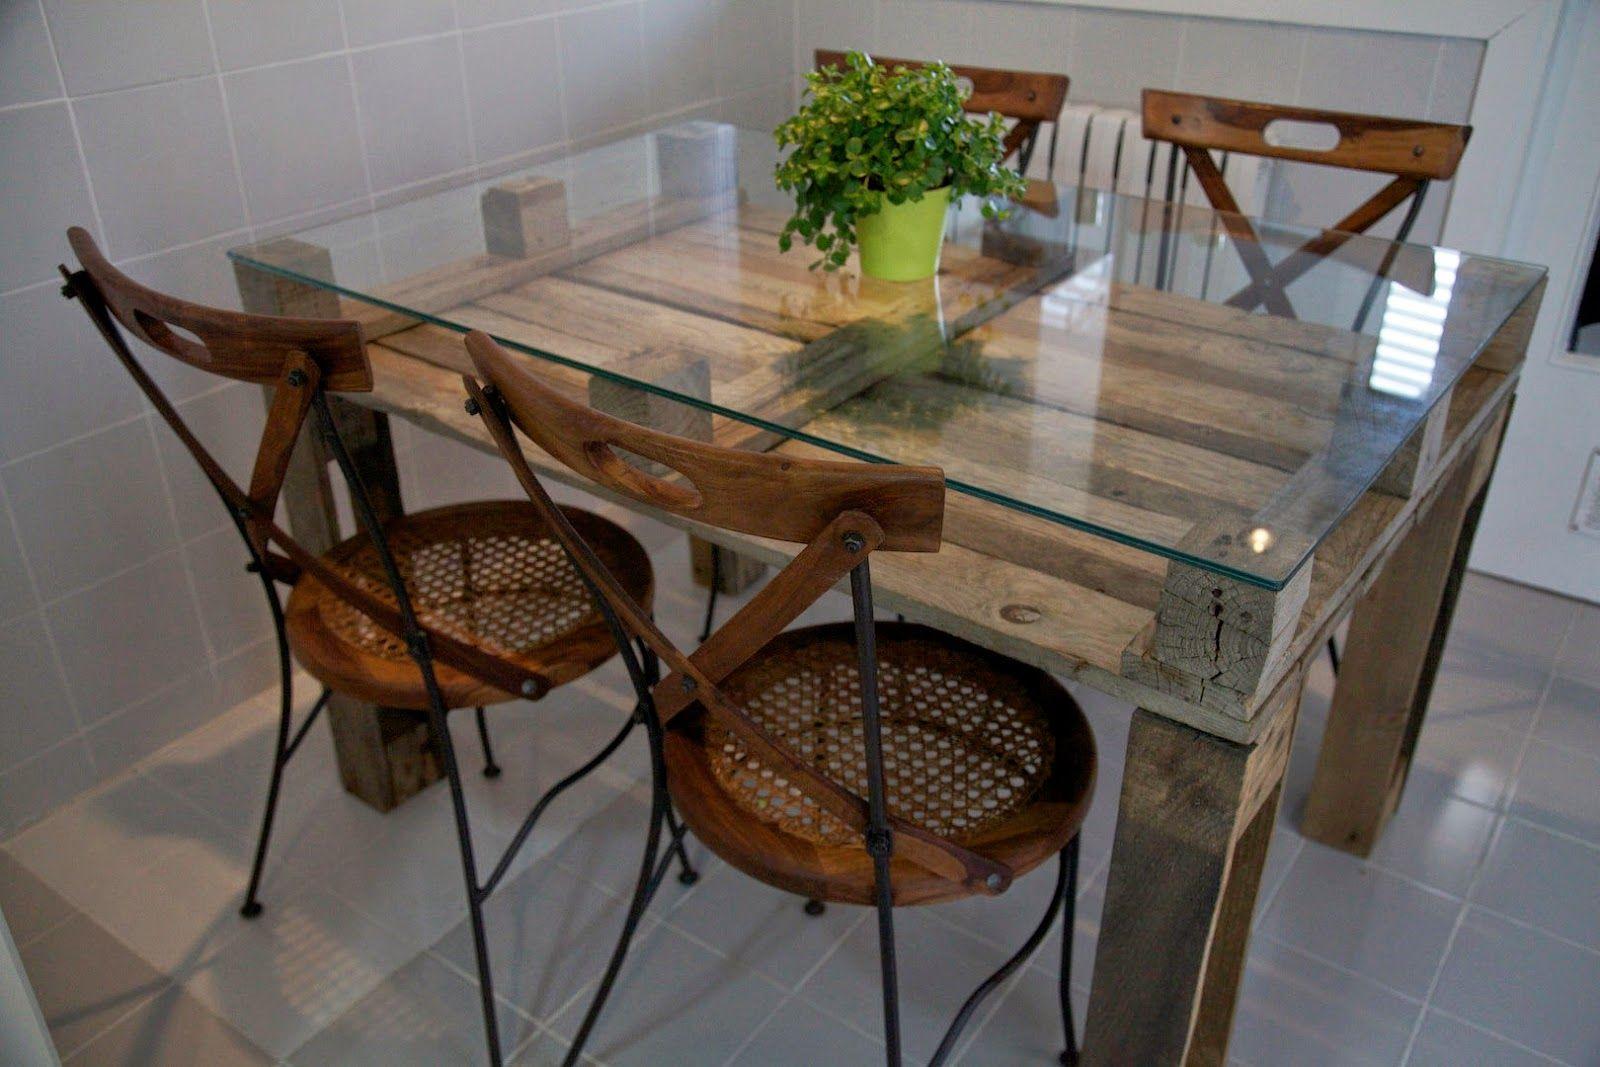 Mesa de cocina creada con palets reciclados | Muebles! Ideas ...